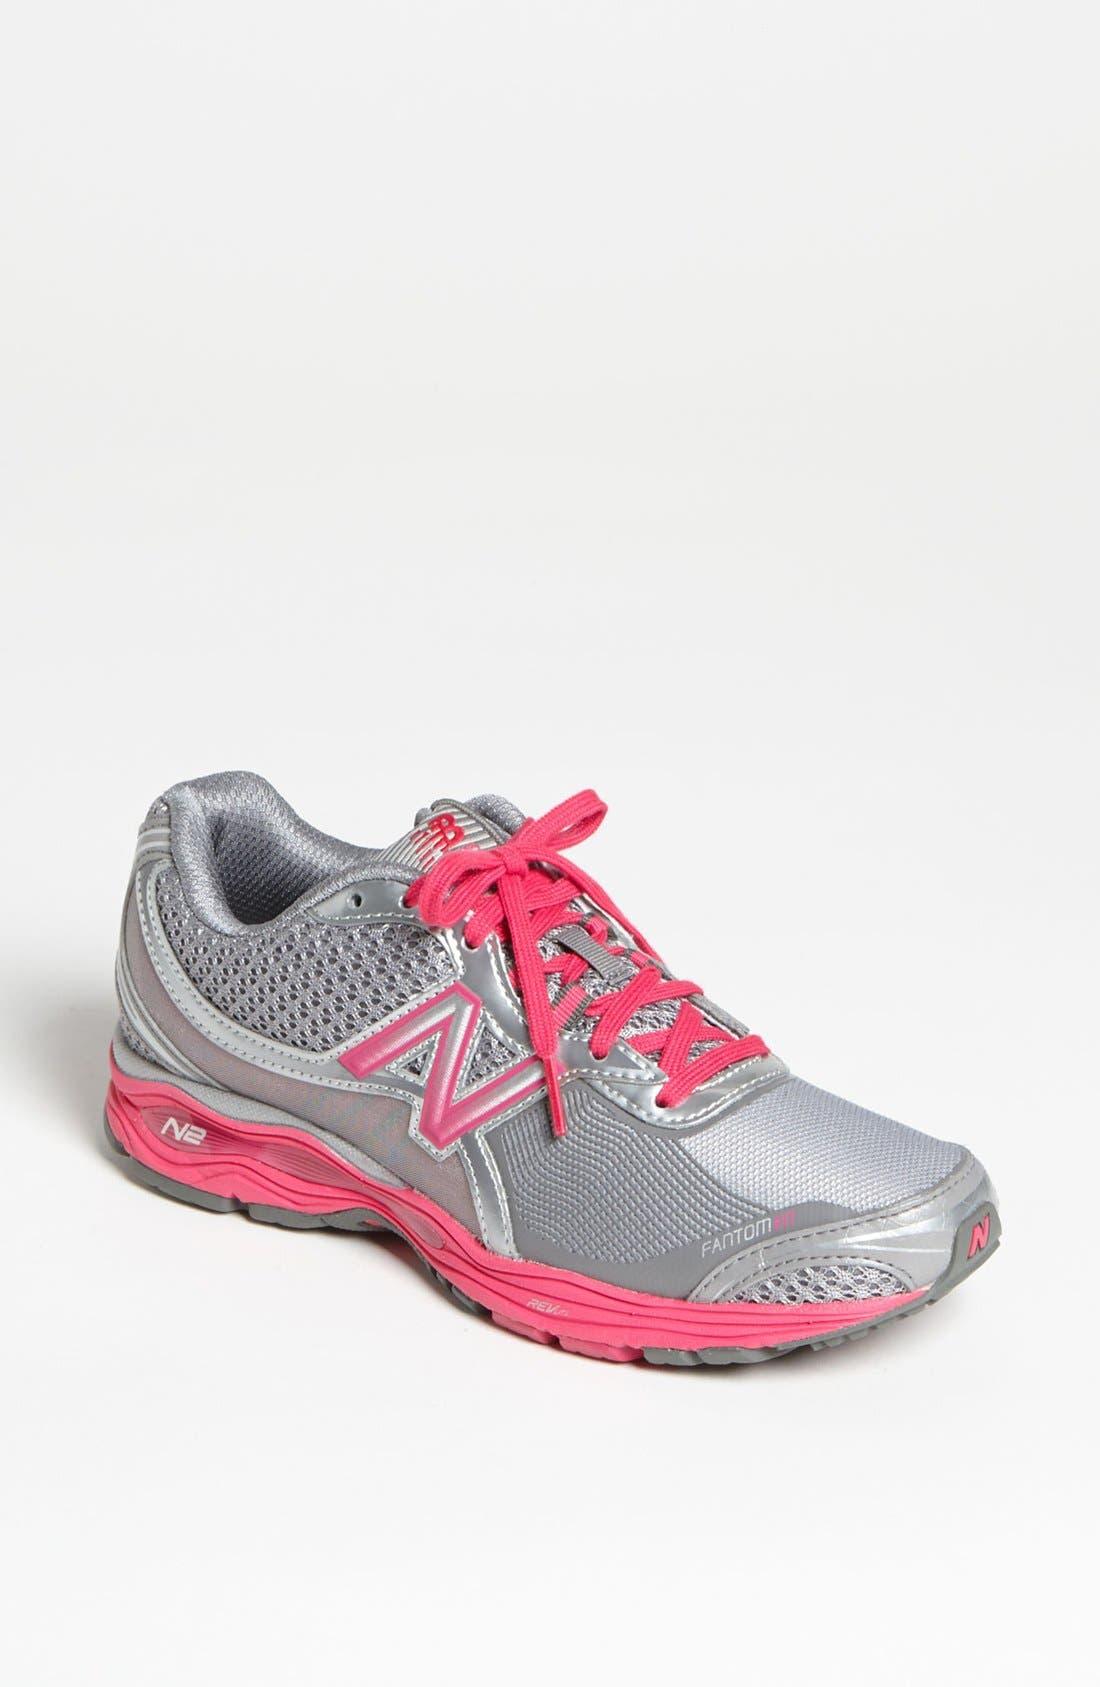 Main Image - New Balance '1765' Walking Shoe (Women)